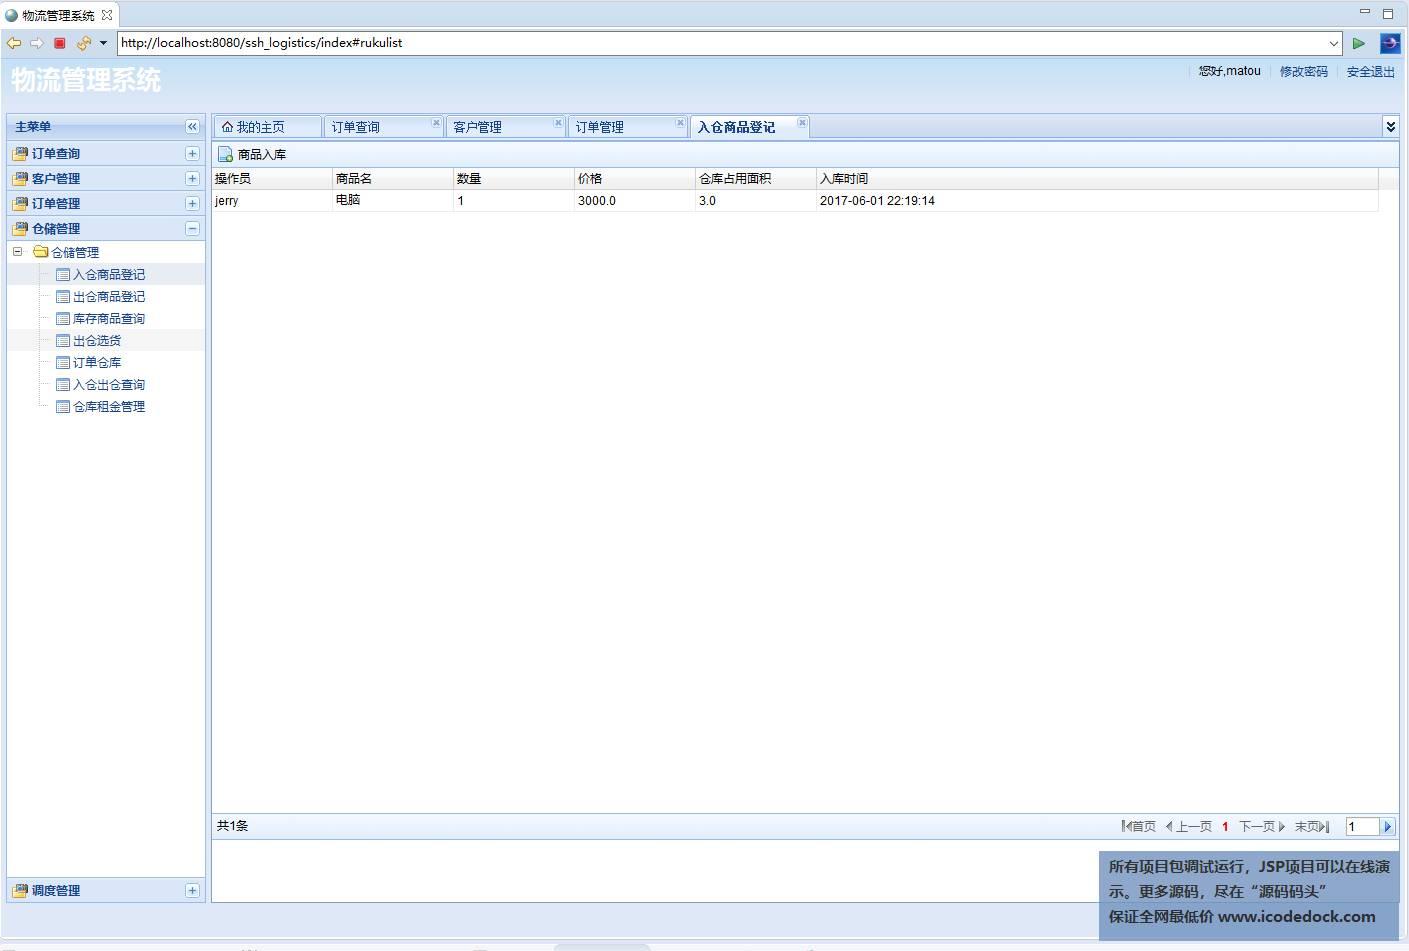 源码码头-SSH物流快递管理系统-员工角色-仓储管理